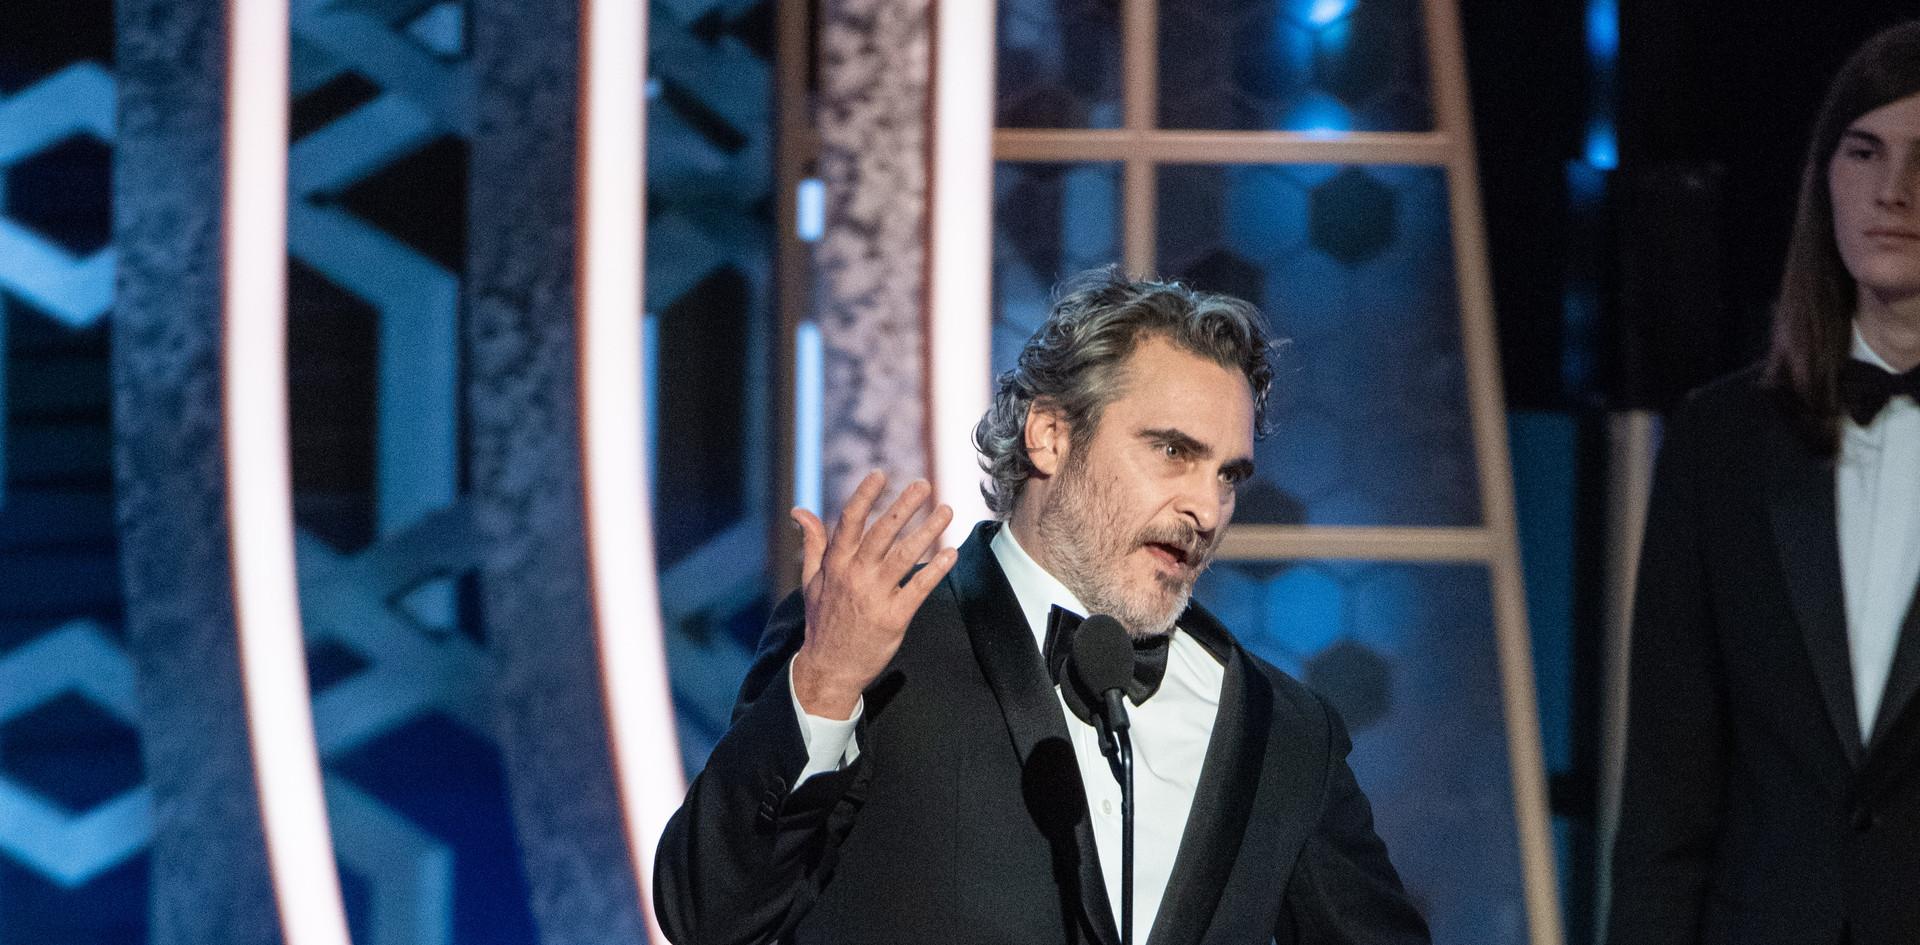 """Joaquin Phoenix recebendo o Golden Globe, como Melhor Actor no Filme-Drama:""""Joker"""", na cerimónia da entrega dos Golden Globes no 77th Annual Golden Globes Awards no Beverly Hilton em Beverly Hills, CA. Fotografia: HFPA Photographer."""